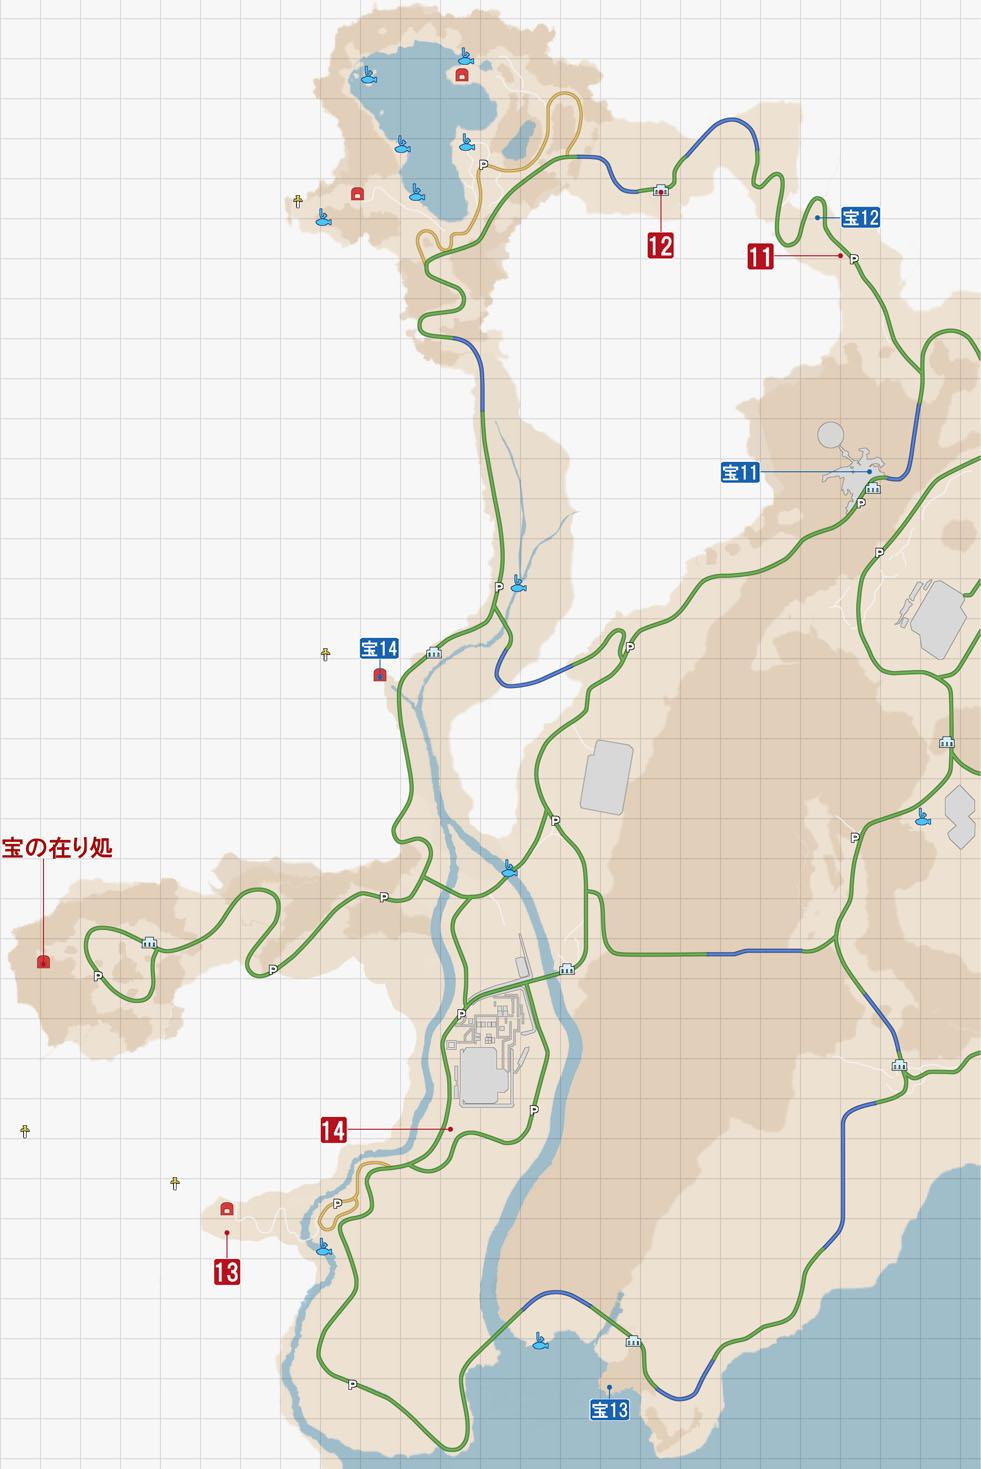 FF15のサブクエスト『謎めいた紙片』・クレイン地方のマップ